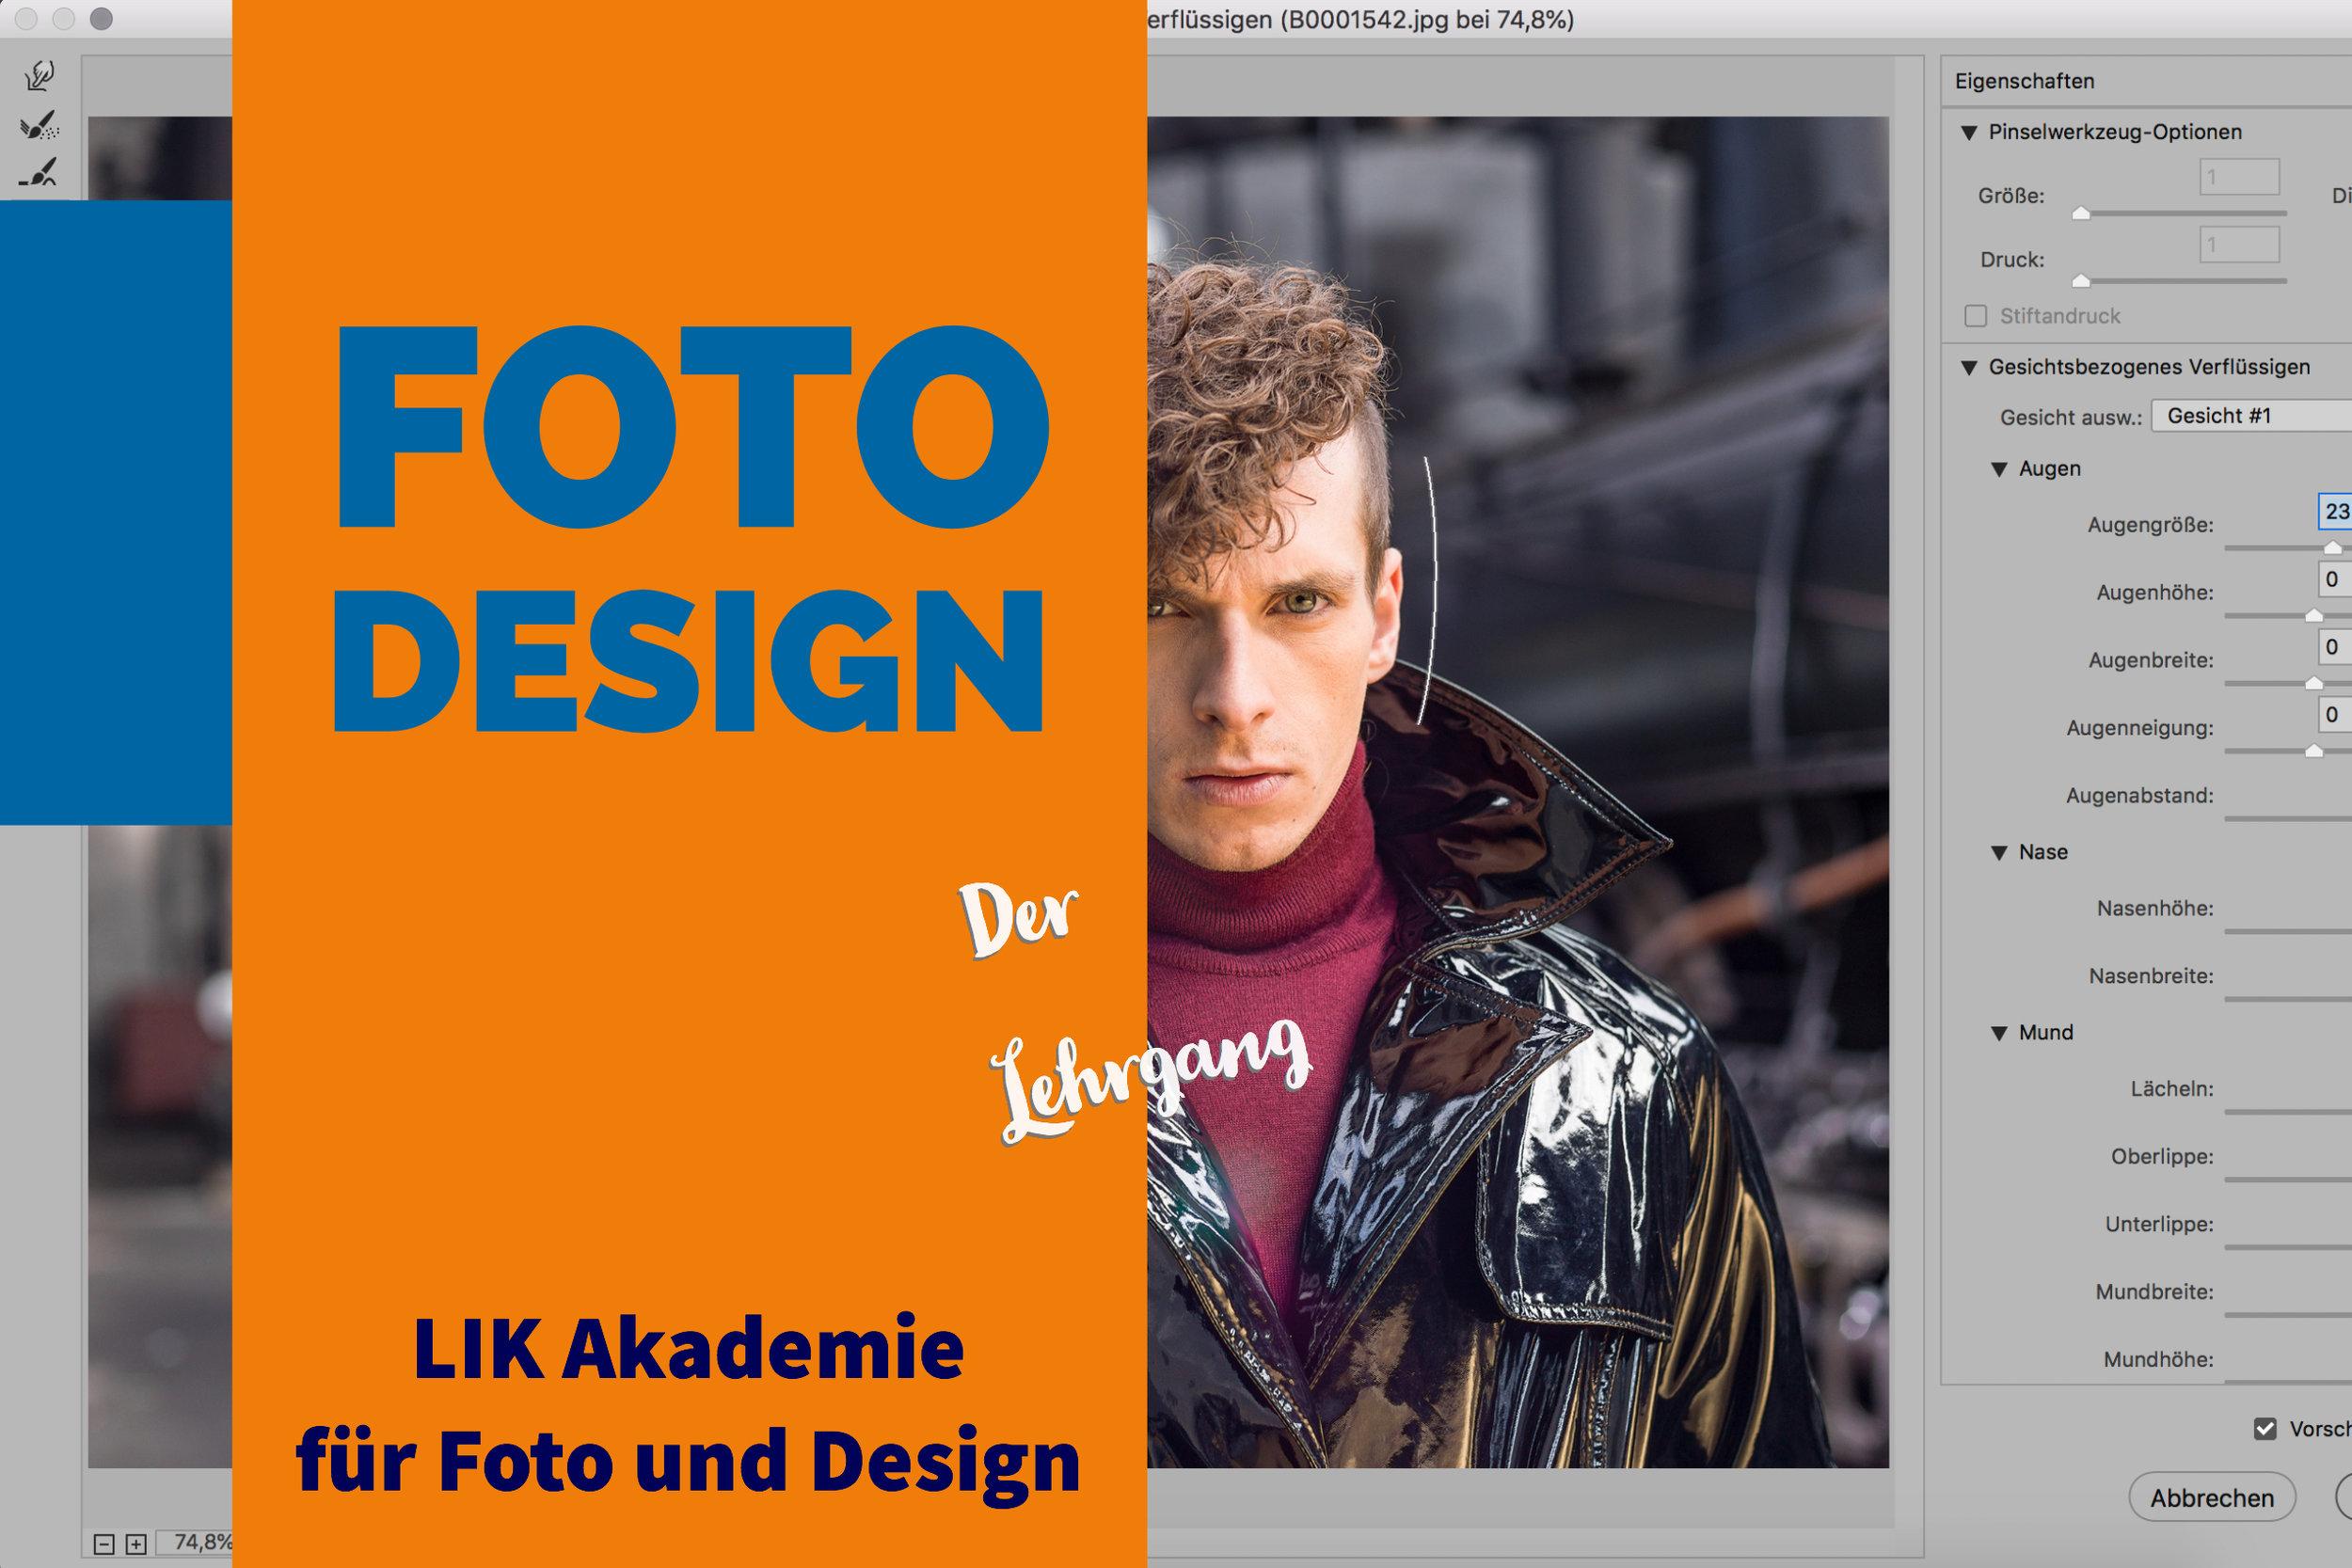 LIK Akademie für Foto und Design Fotodesign